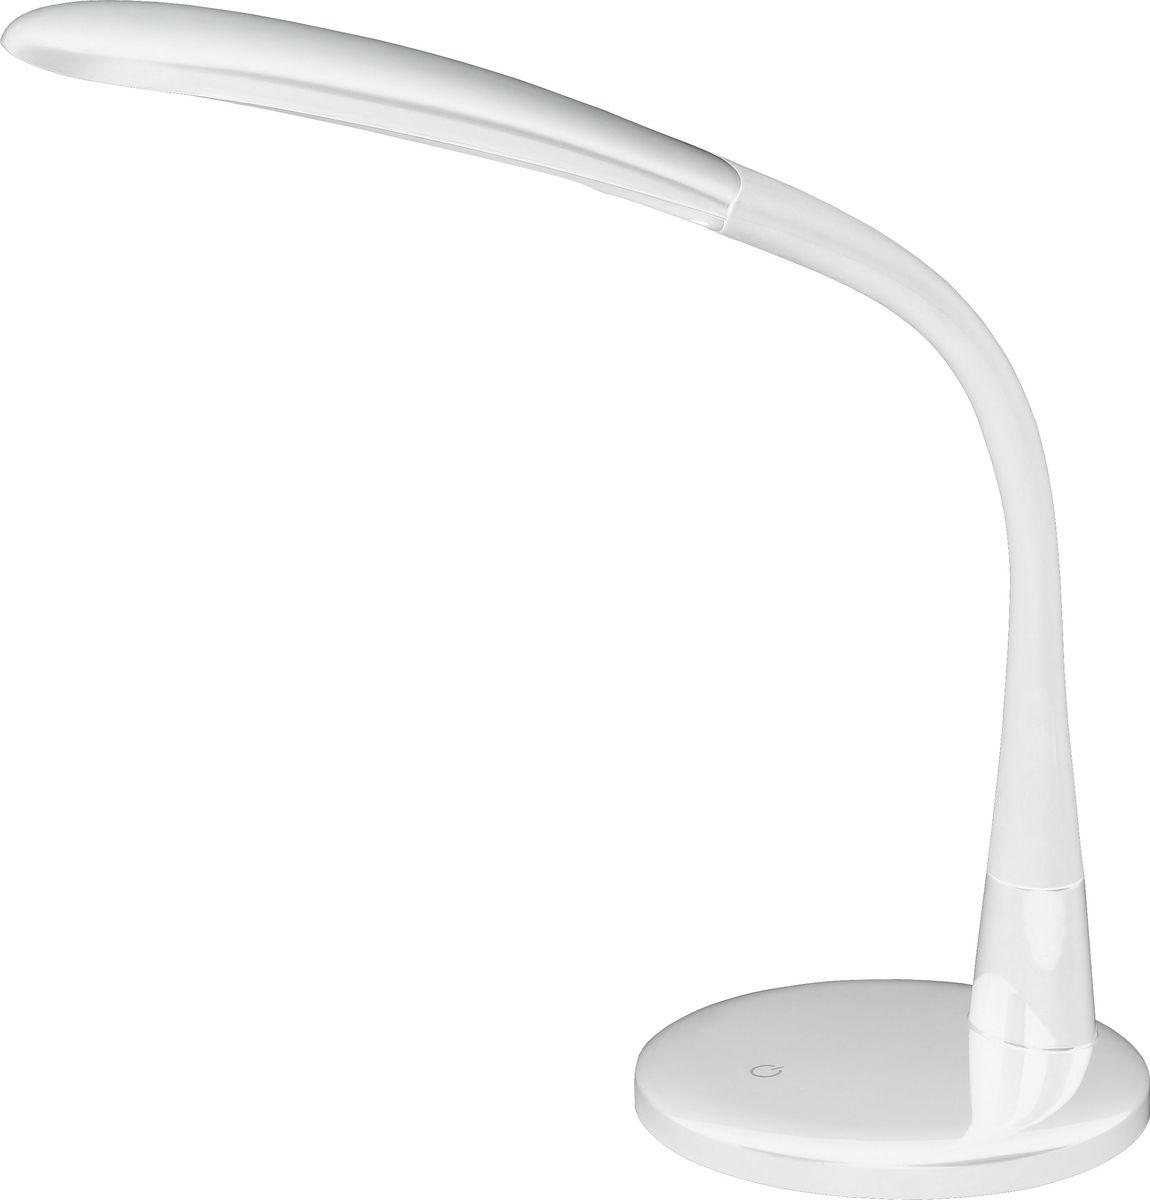 Настольный светильник ЭРА, цвет: белый. NLED-444-7W-WNLED-444-7W-WСветильник со светодиодами (LED) в качестве источников света, которые экономят до 90% электроэнергии и не требуют замены на протяжении всего срока службы светильника.Сенсорный переключатель на основании.Четырехступенчатый диммер для регулировки яркости.Направление света регулируется поворотом плафона в любом направлении под любым углом.Теплый свет, аналогичный свету лампы накаливания - цветовая температура 3000К.